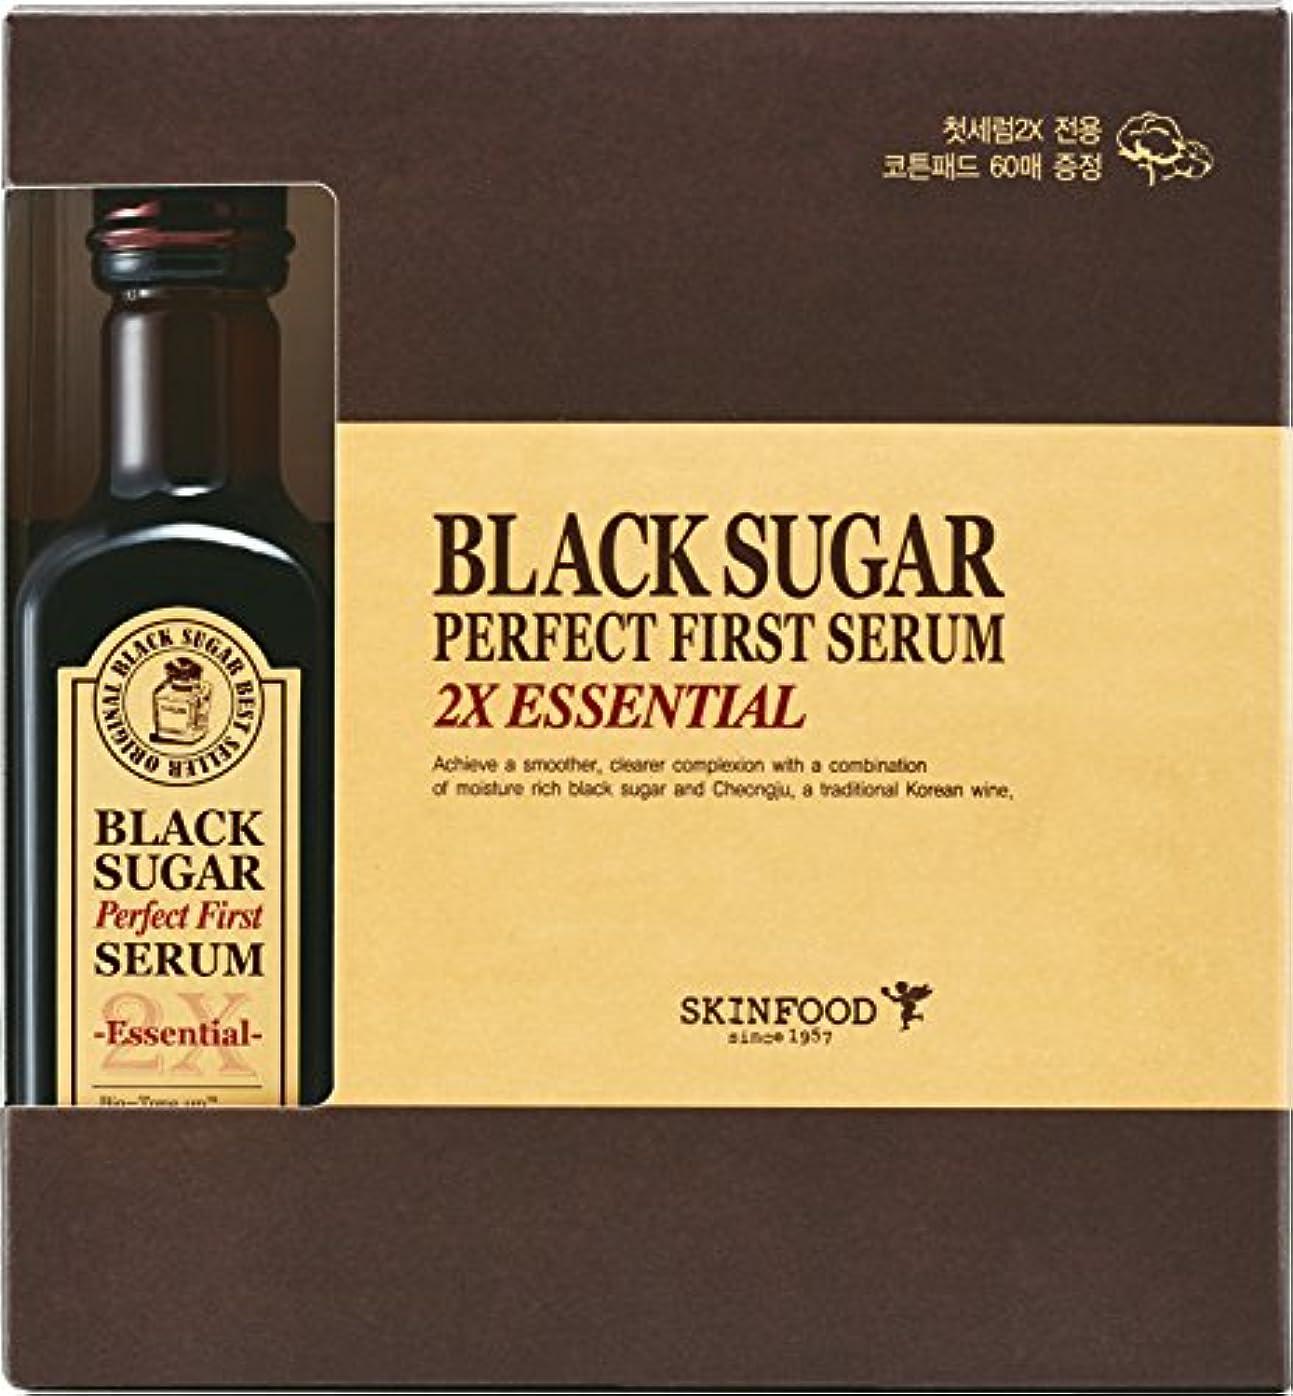 油材料カスタムスキンフード (SKINFOOD) ブラックシュガー パーフェクト 2Xエッセンシャル(導入美容液)